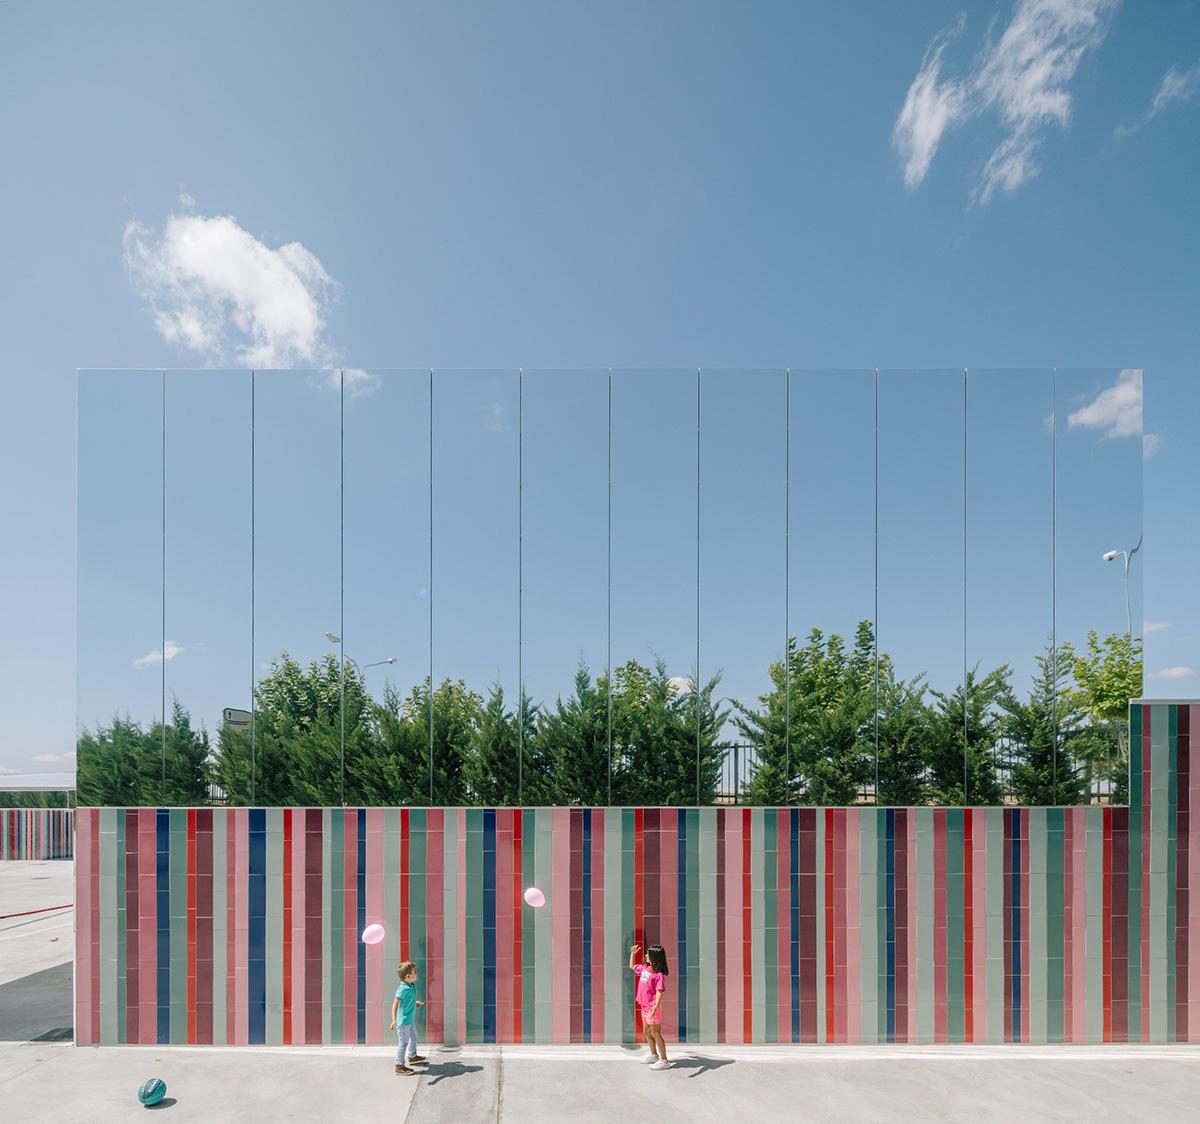 04-colegio-casi-invisible-ablm-arquitectos-foto-miguel-de-guzman